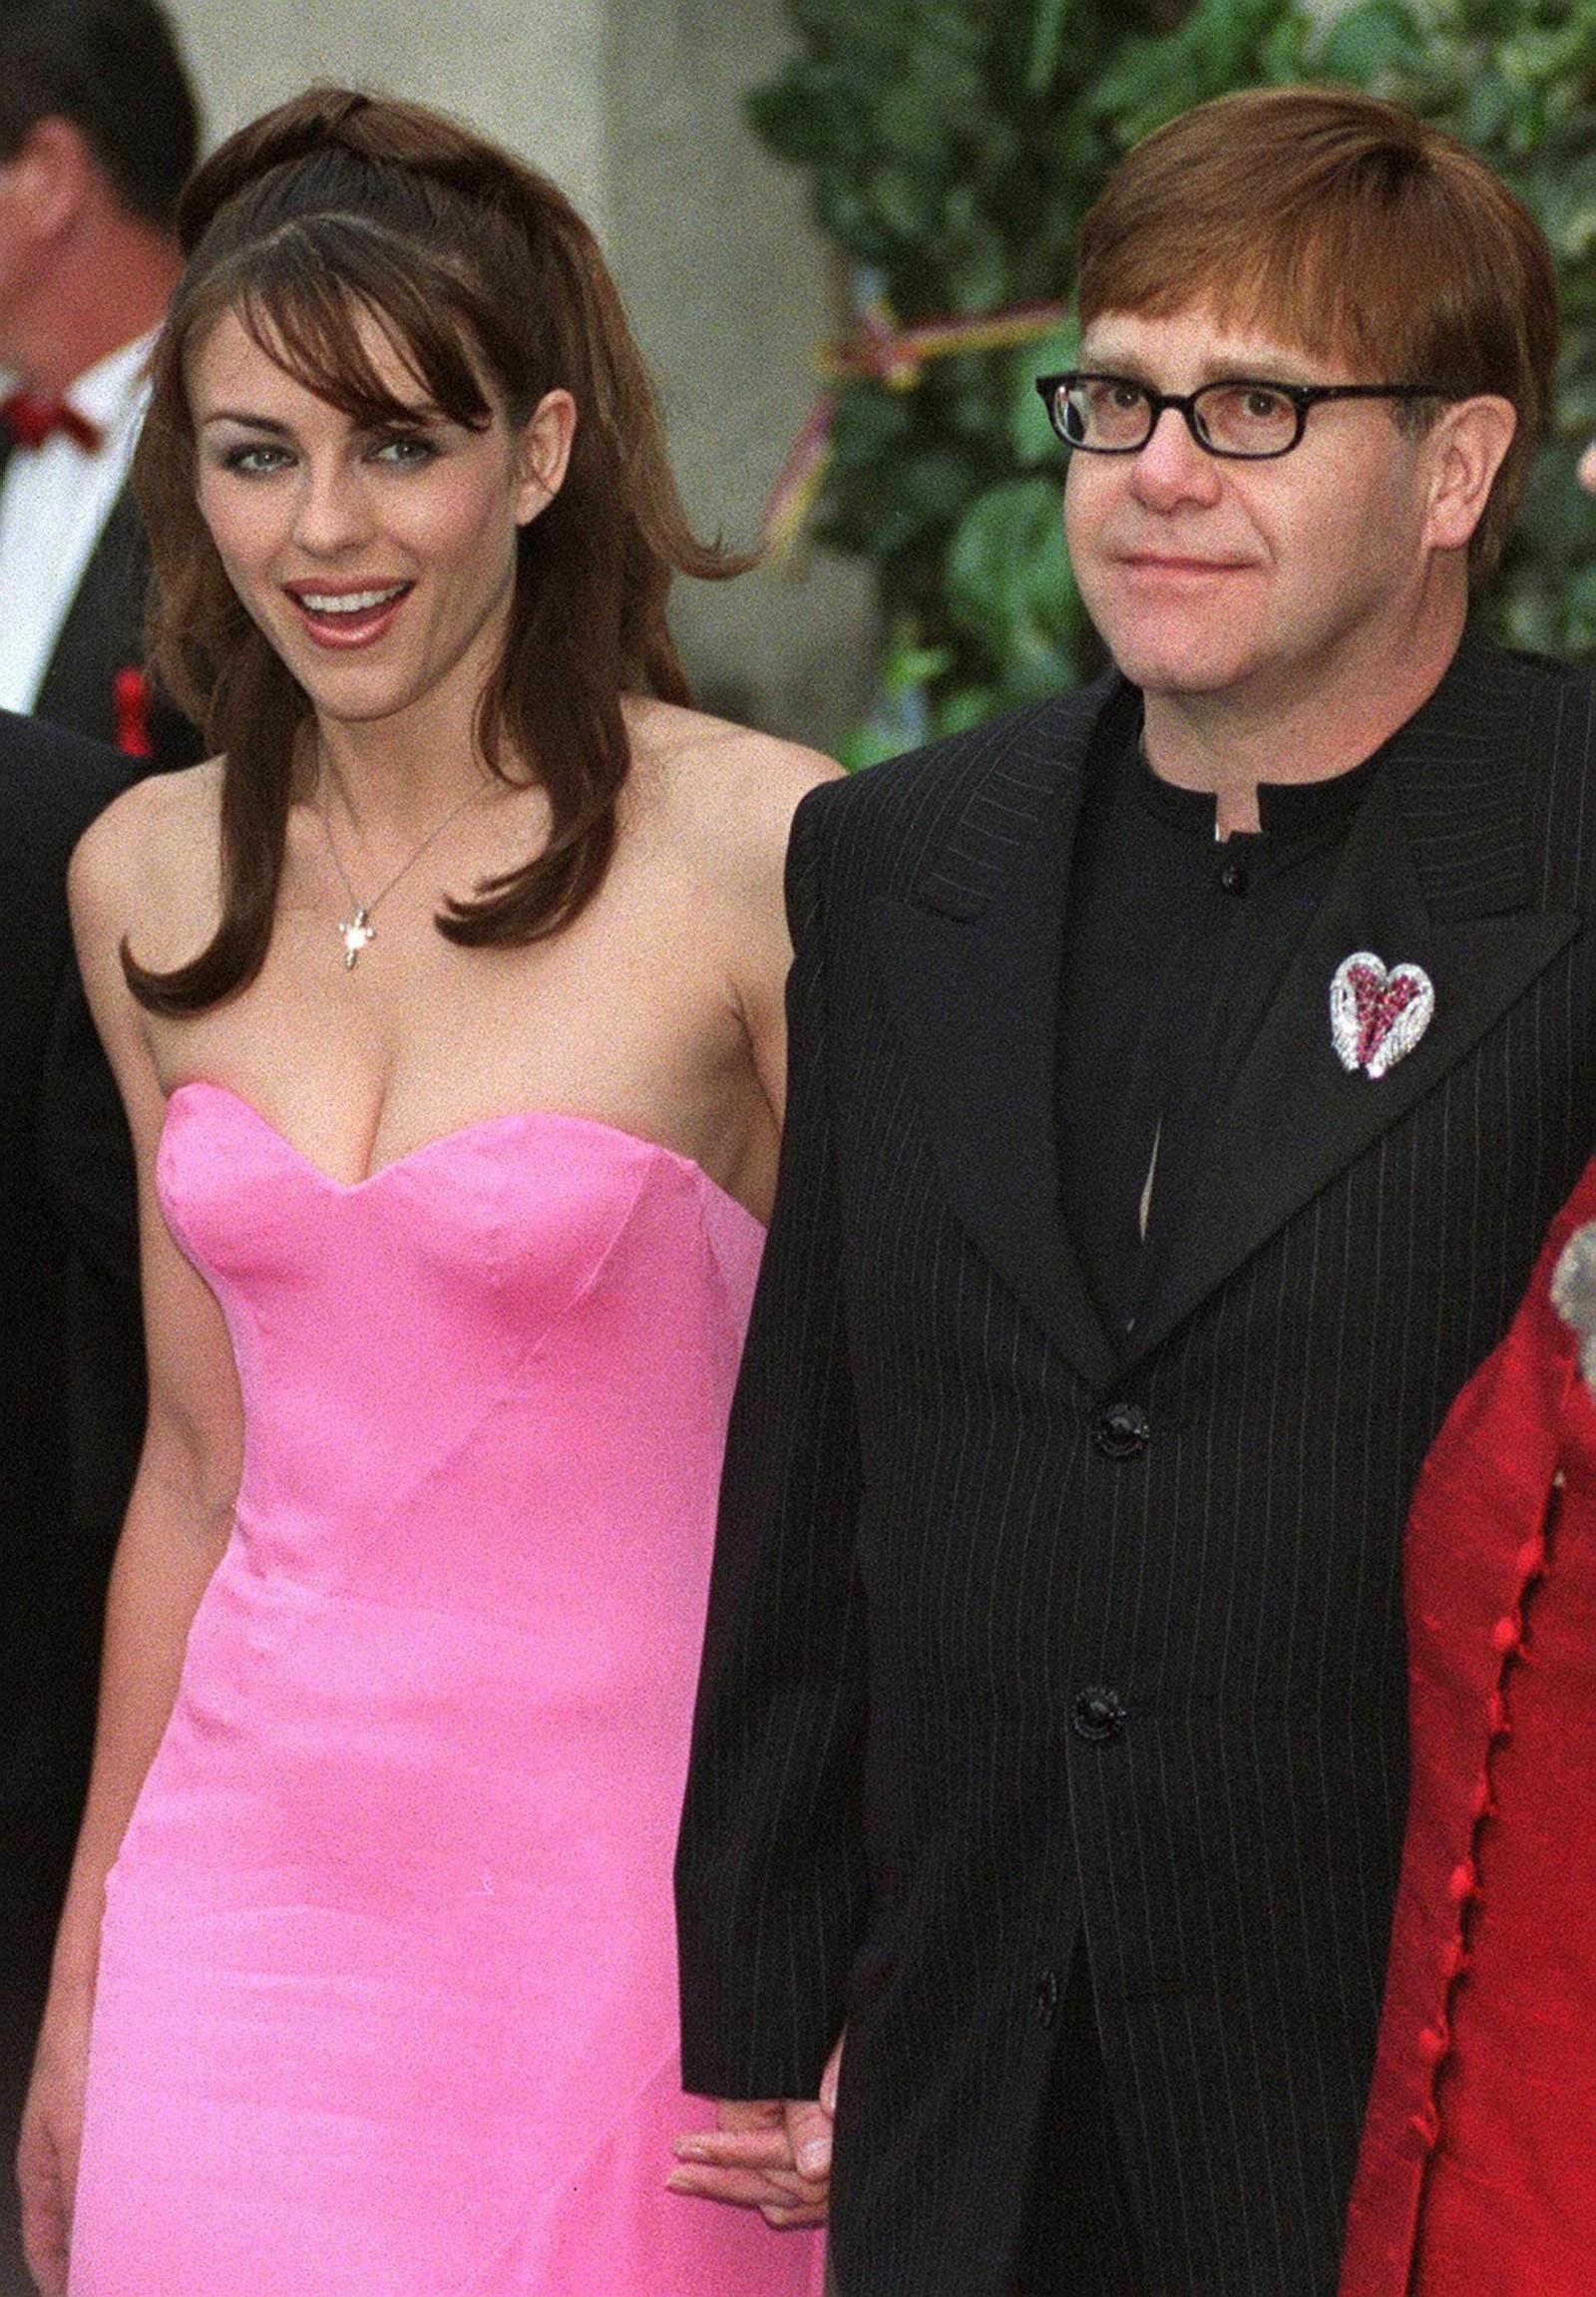 1998: Hand i hand kjem den britiske skodespelaren Elizabeth Hurley og Elton John til AMFAR (American Foundation for AIDS Research) veldedighetsmiddag på Moulin de Mougins restaurant i Frankrike 21. mai.